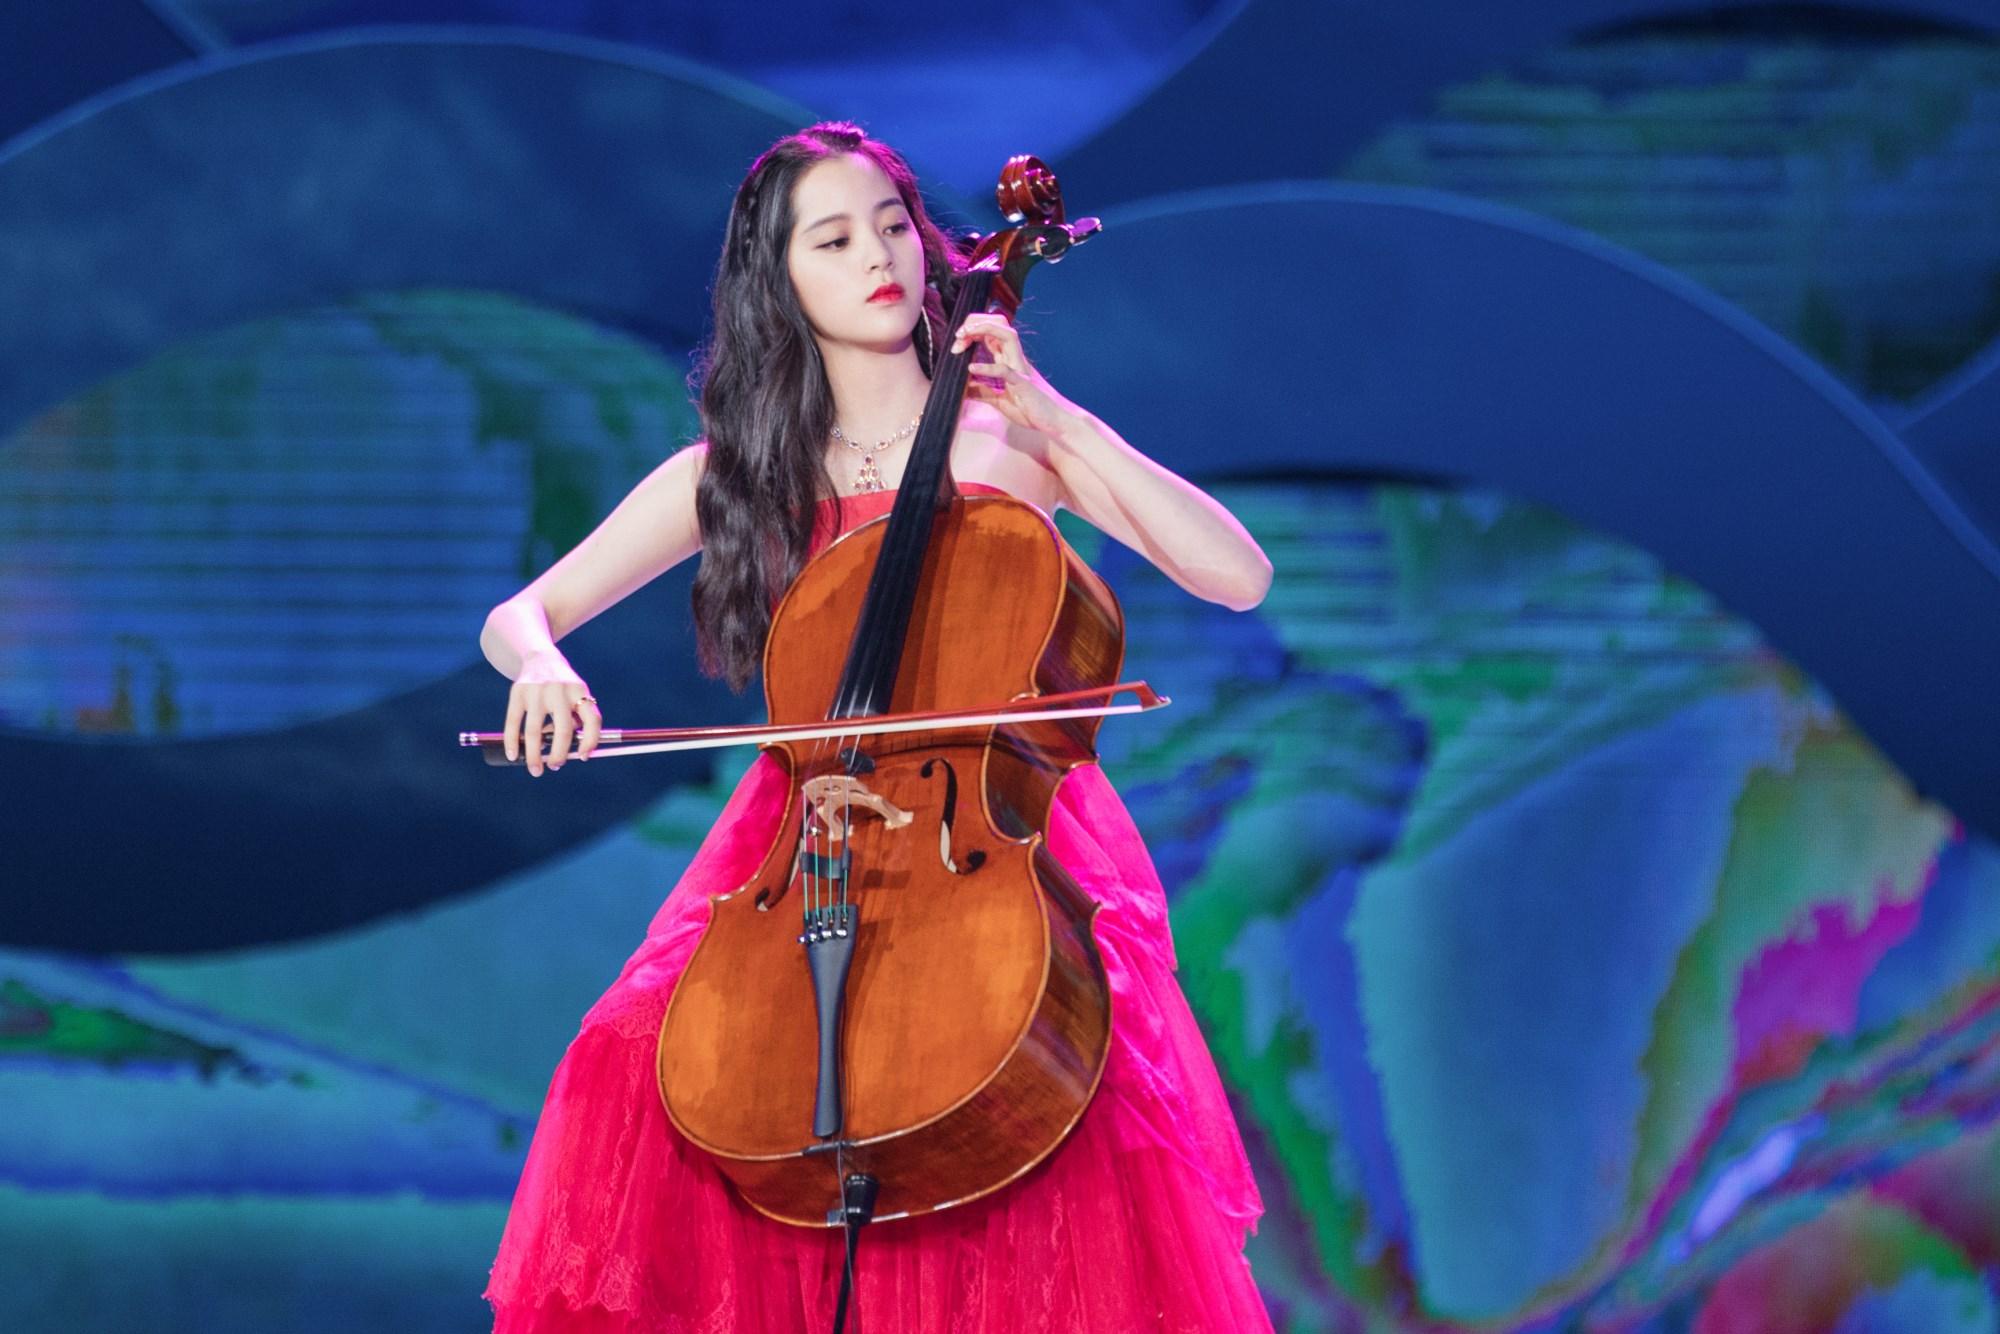 原创 欧阳娜娜旗袍造型被说没有韵味,她才十九岁而已啊插图(6)